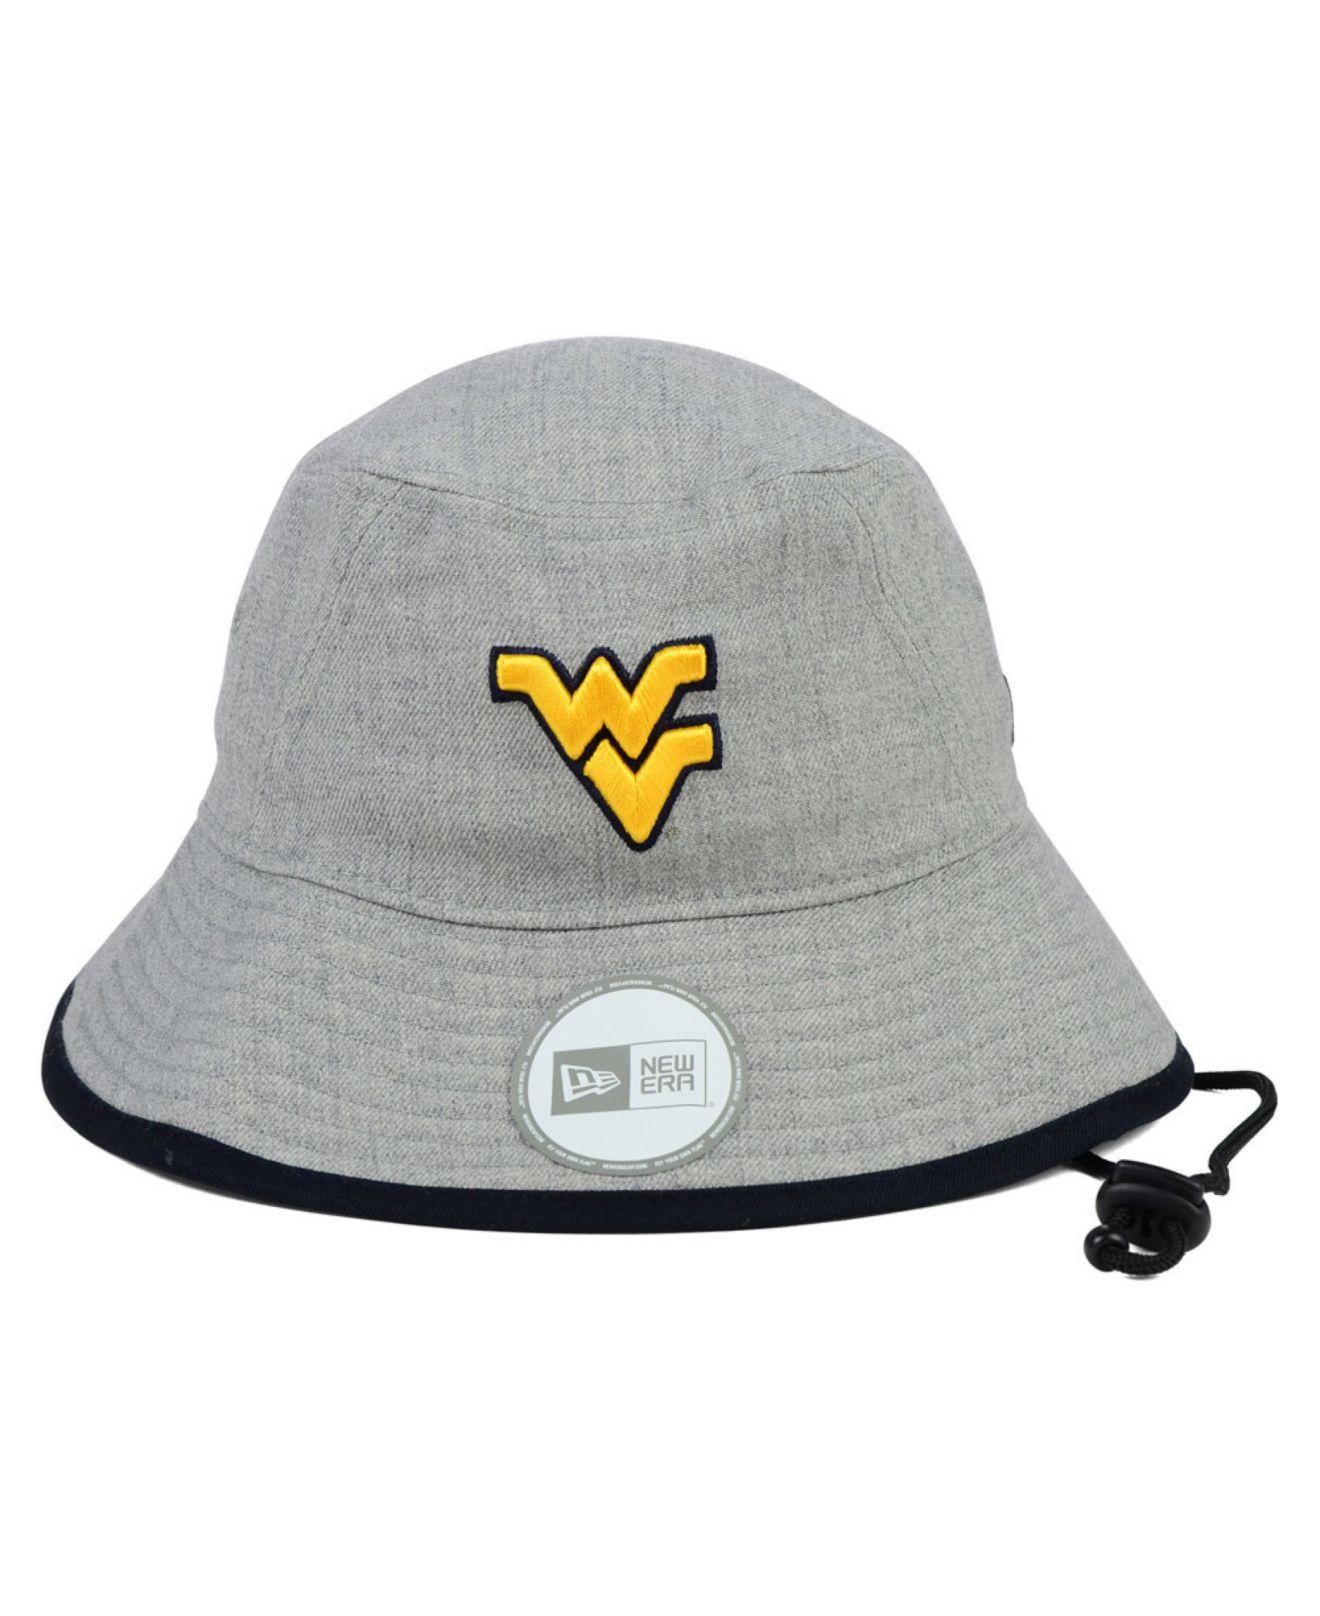 ef7e7730c89 ... uk lyst ktz west virginia mountaineers tip bucket hat in gray for men  c44c1 ea81e